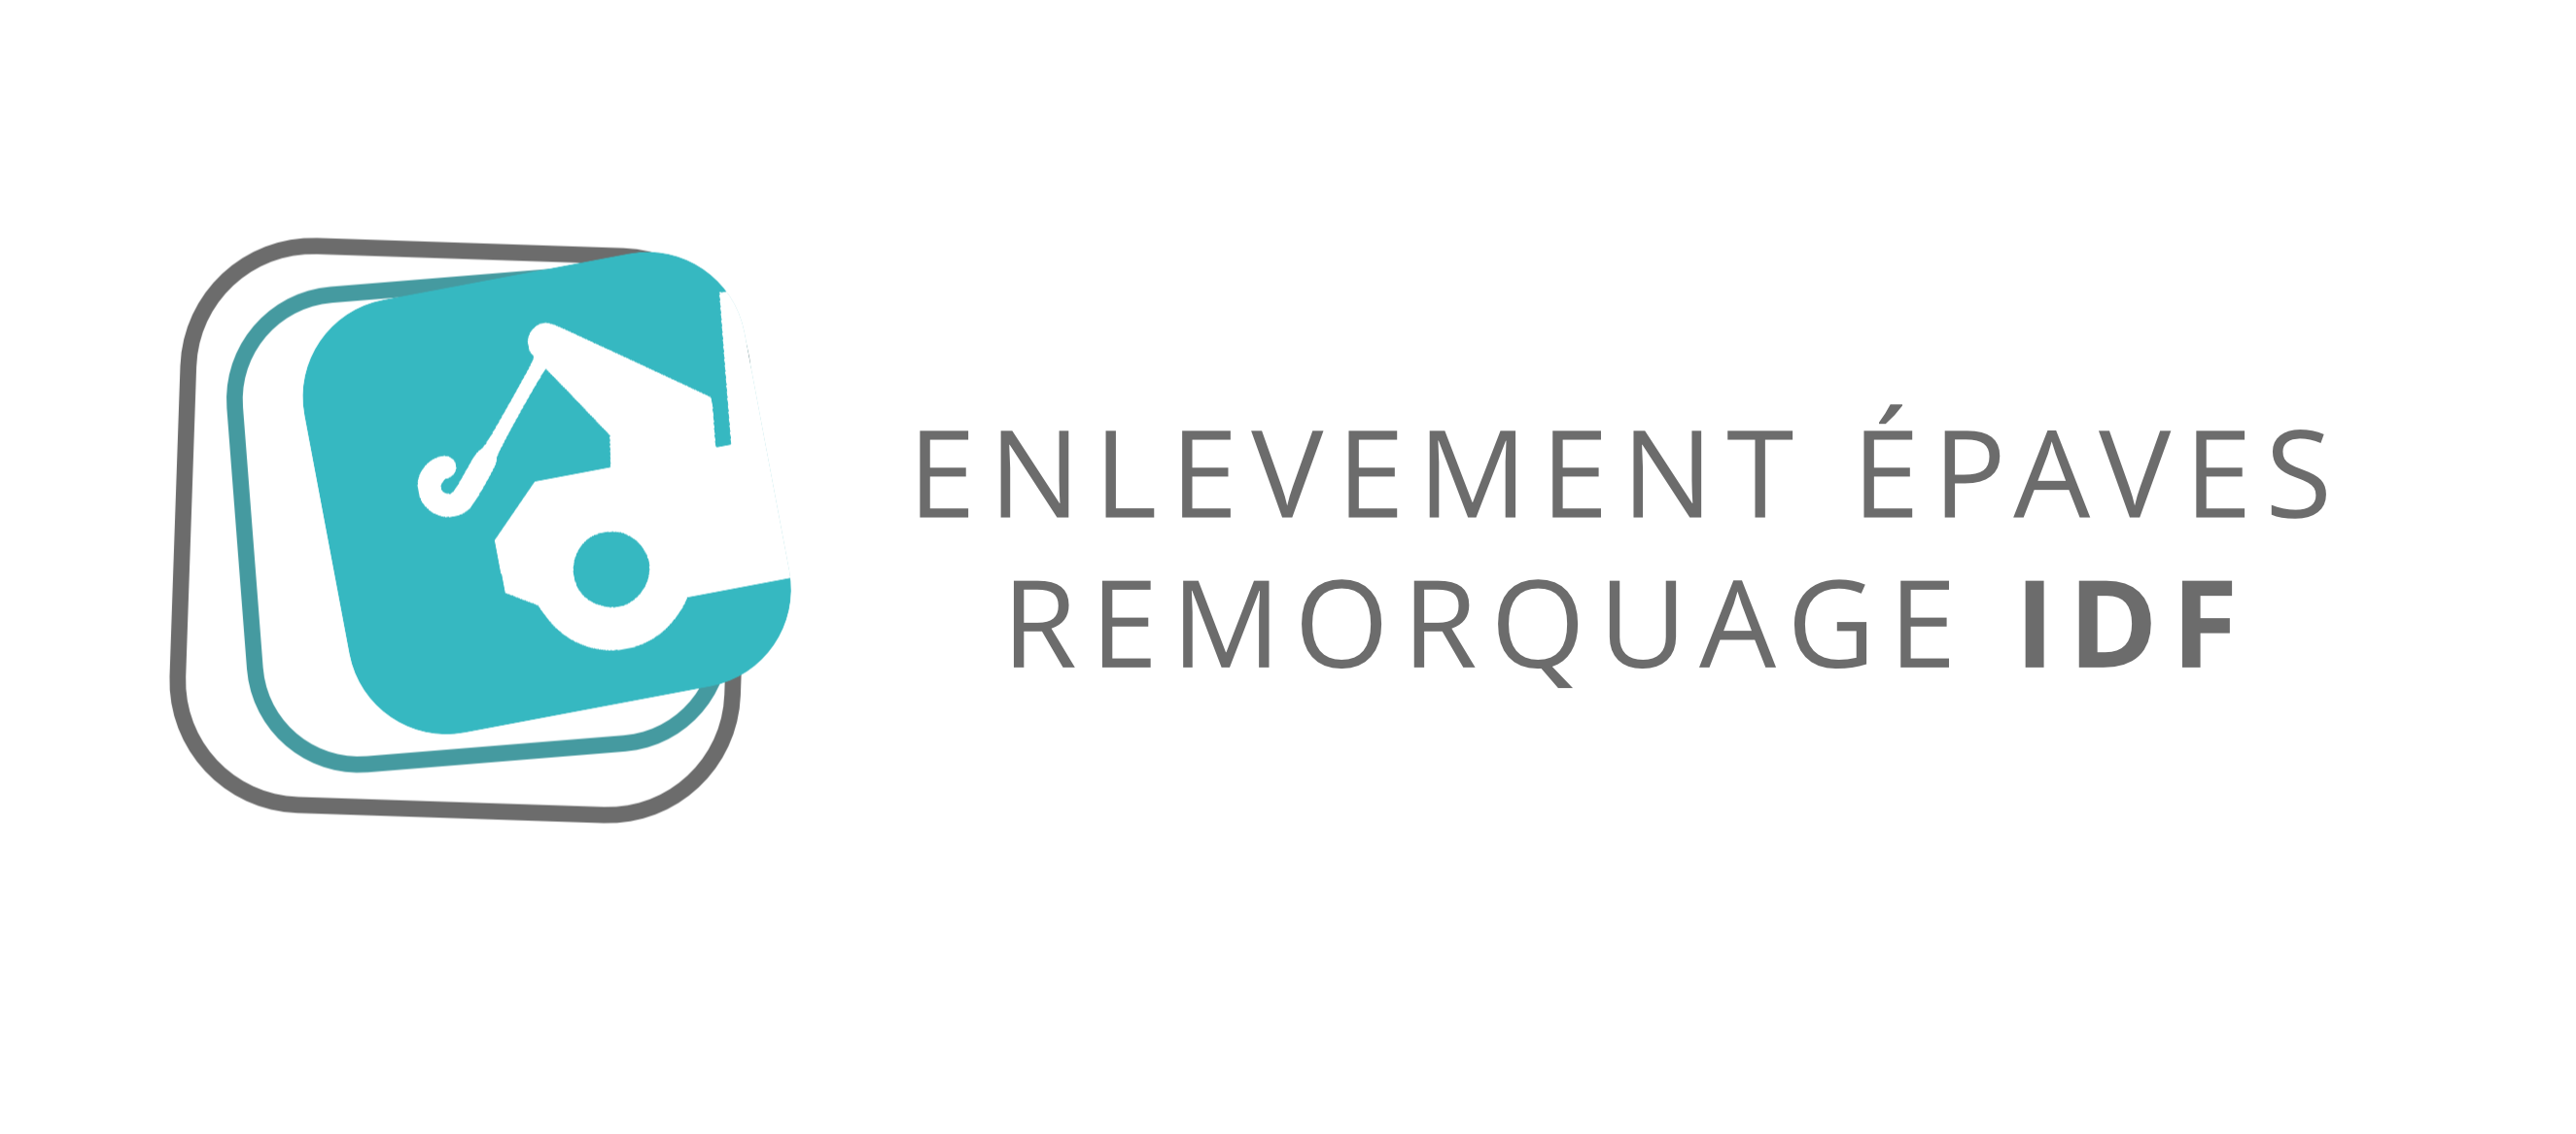 Enlèvement épaves et Remorquage en Île-de-France